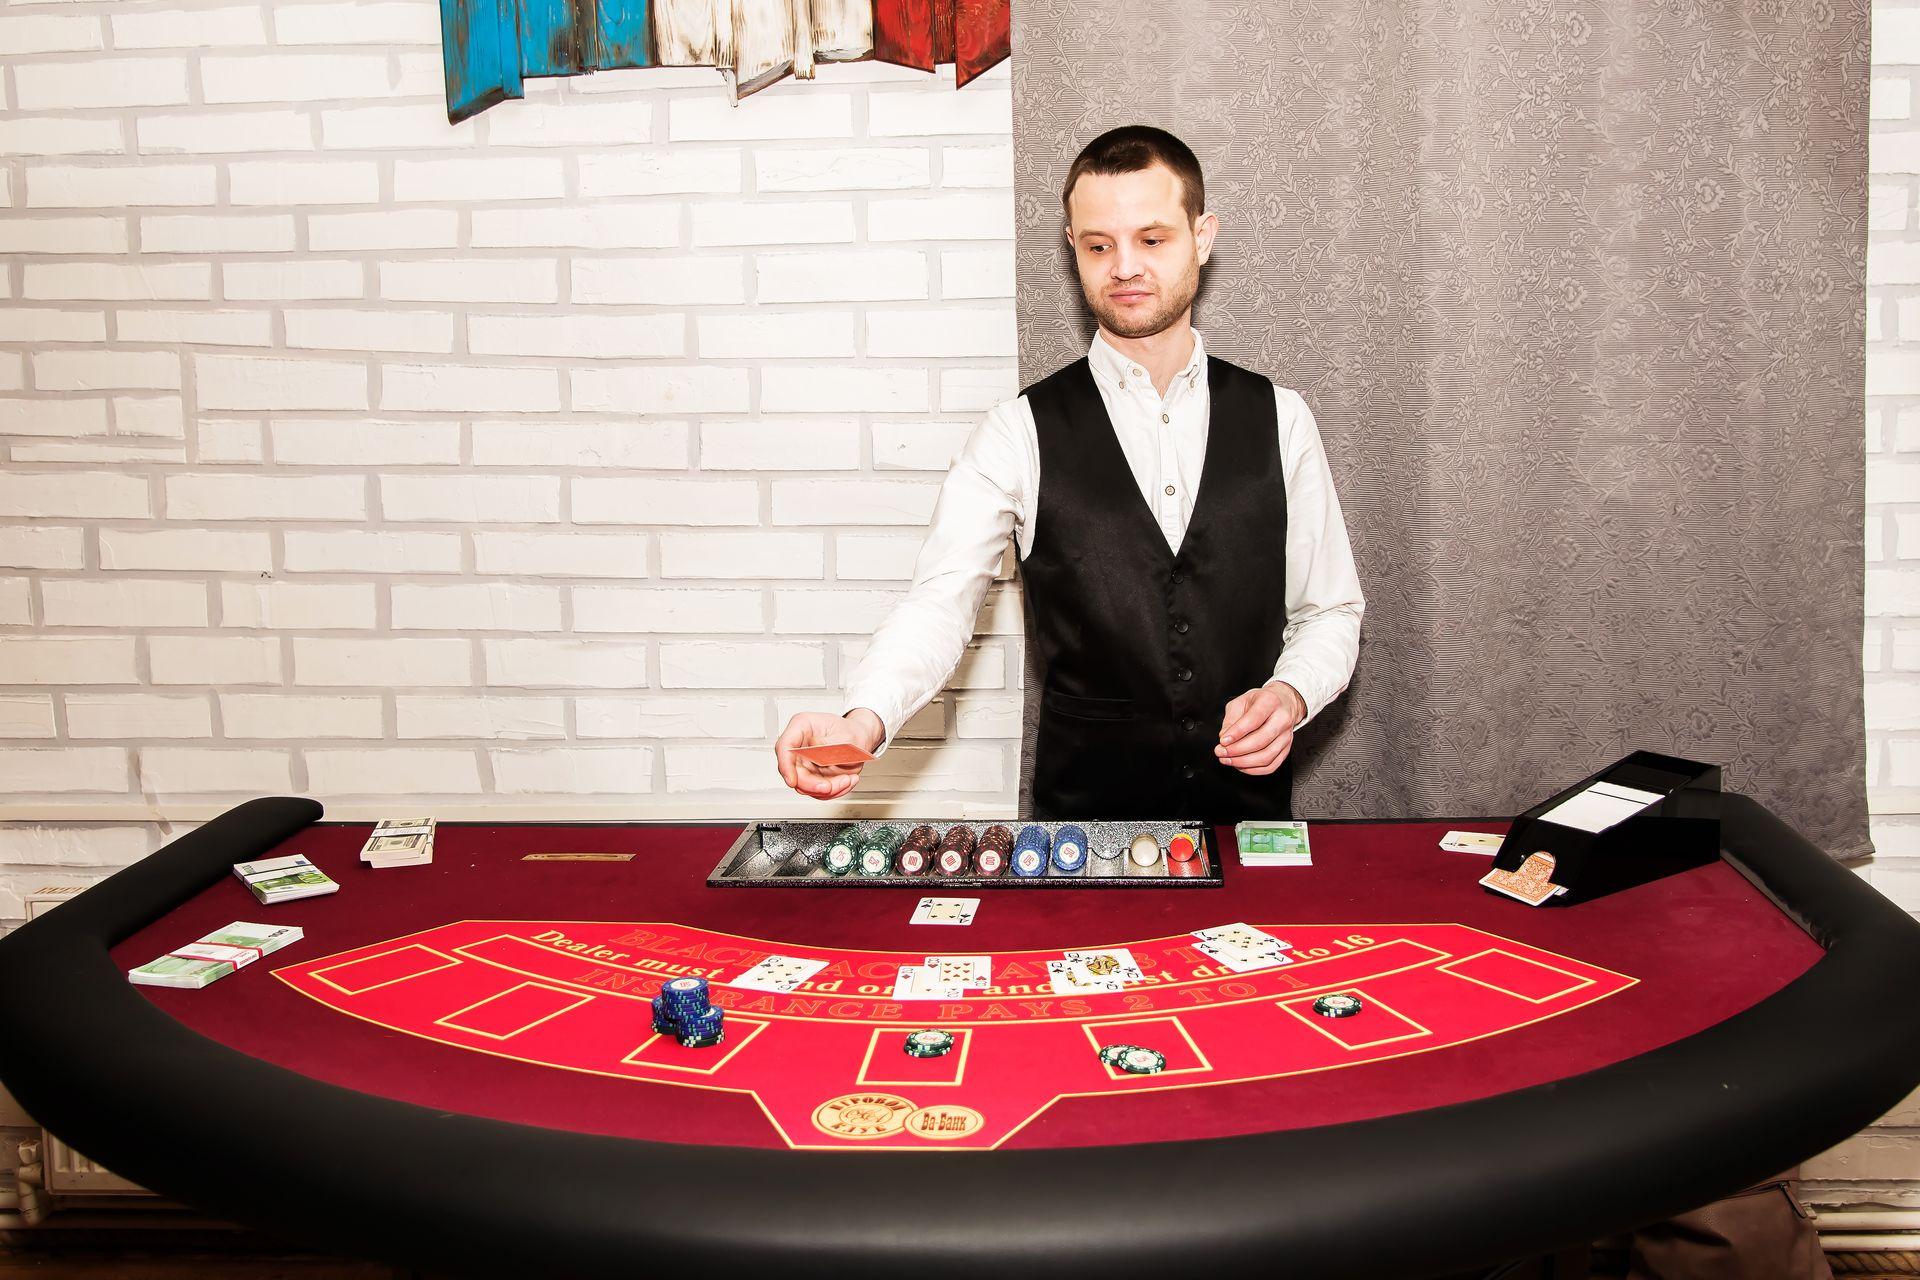 вечеринка в стиле казино конкурсы